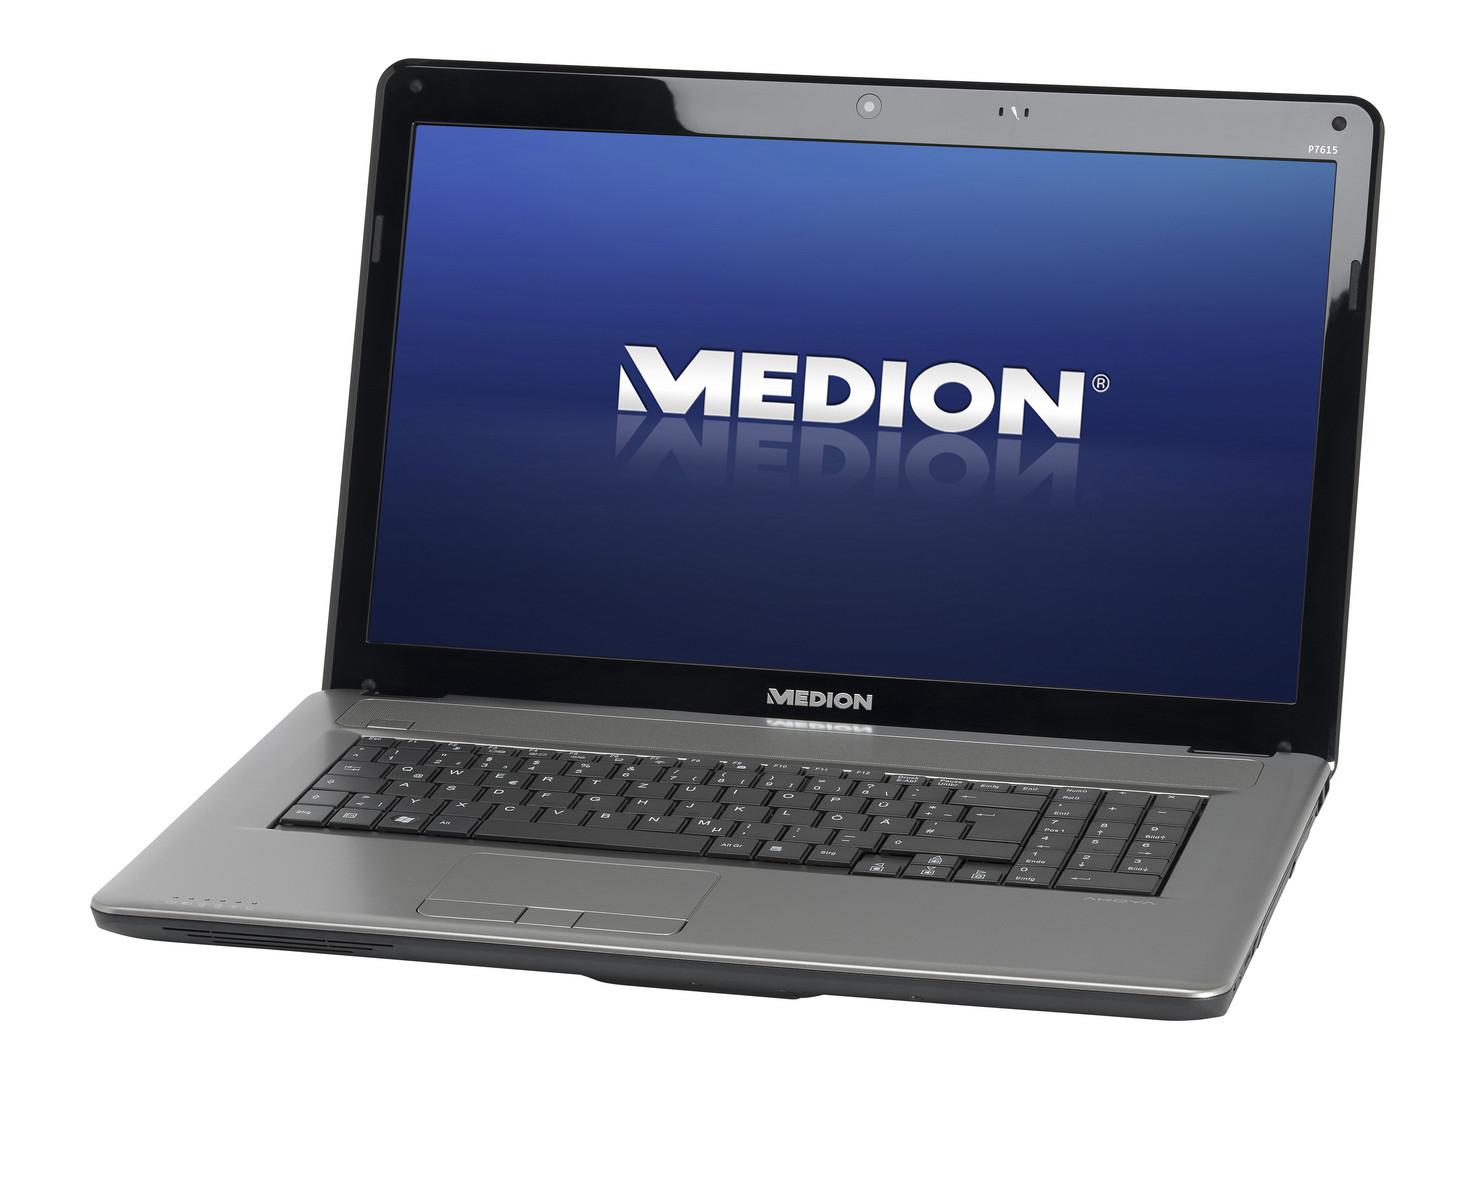 Intel 82801ib ich9